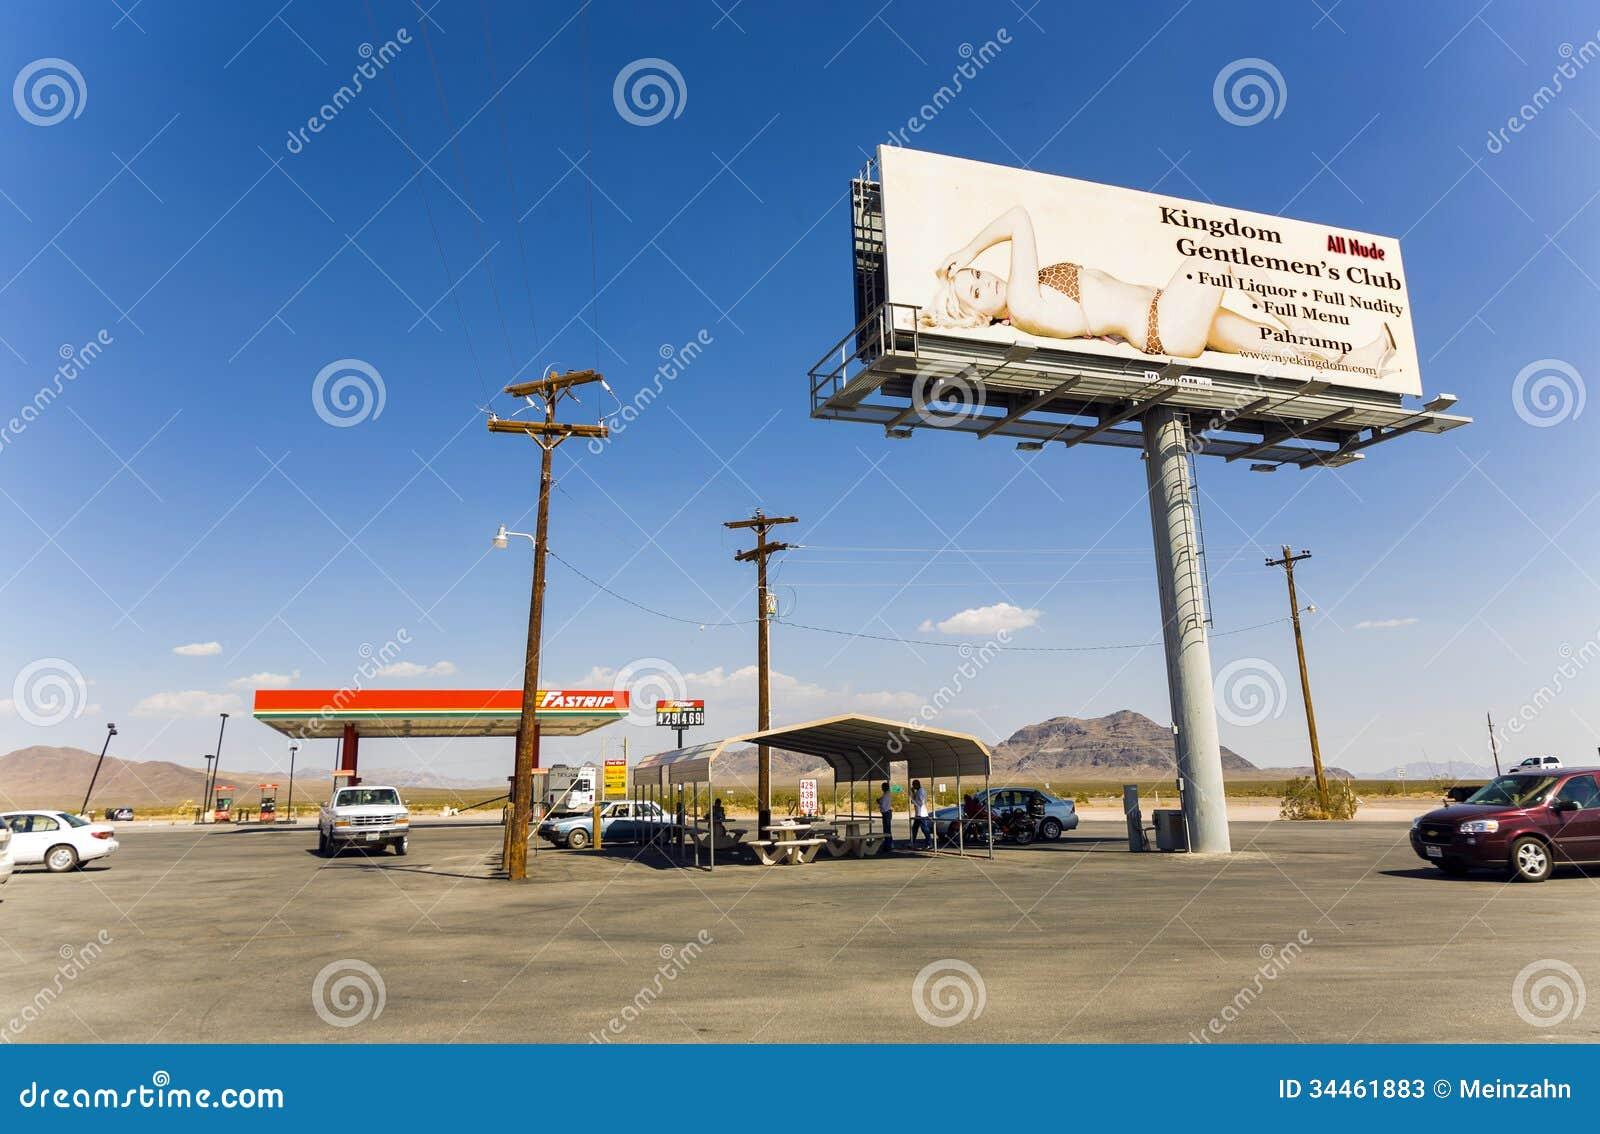 Benzynowej staci, bajzlu i baru królestwa klub przy stan trasą 160,